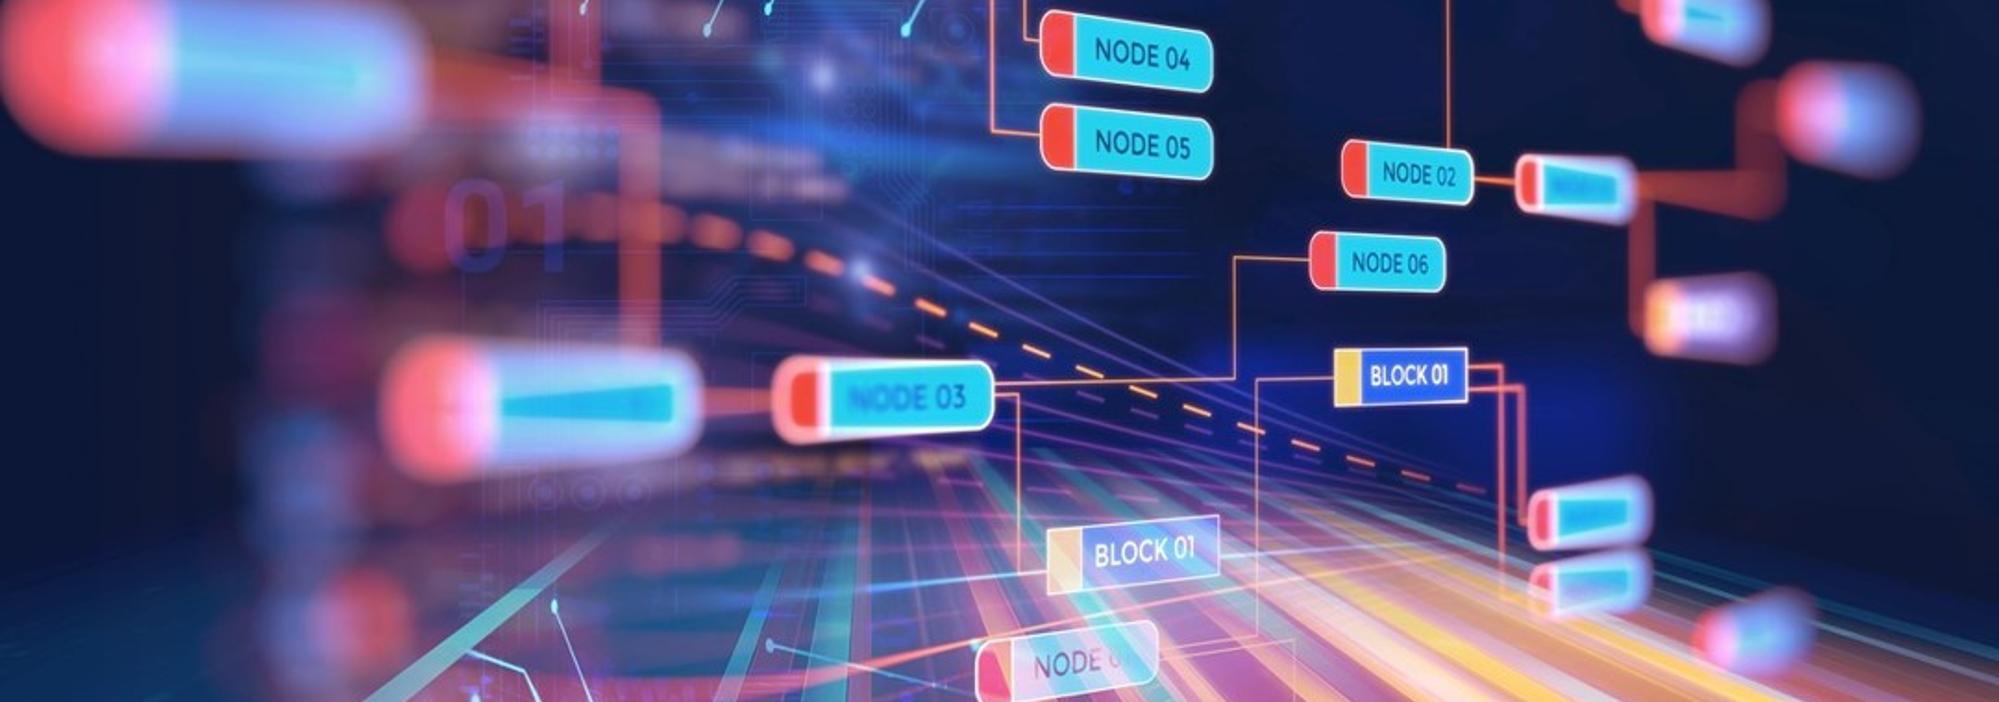 Digitaler Netzbetrieb